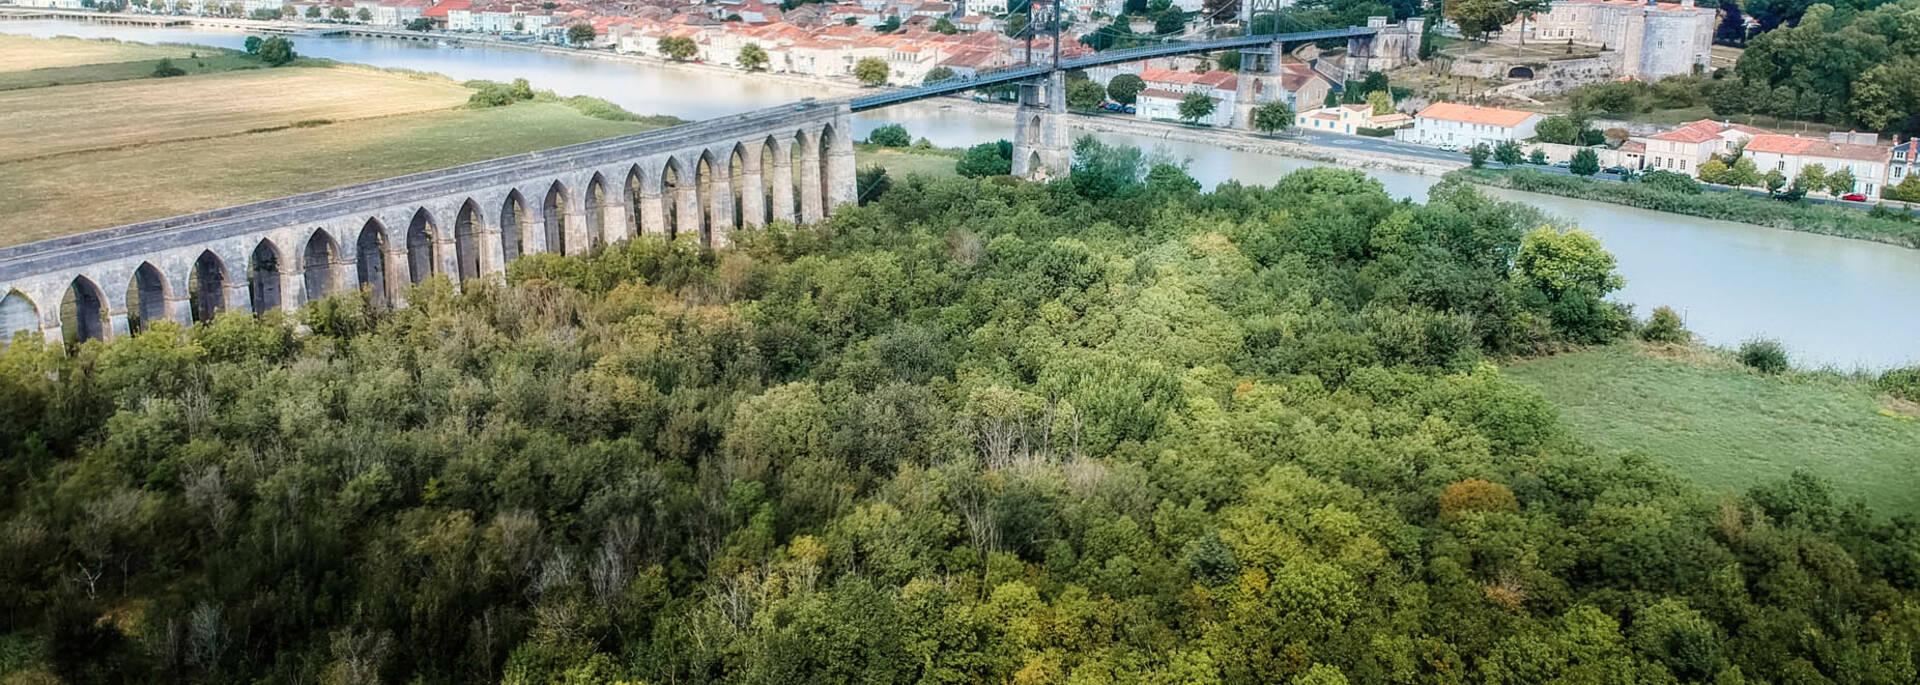 Vue aérienne de la Charente et du Pont de Tonnay-Charente Les carrelets longent le fleuve de la Charente  ©L.Pétillon